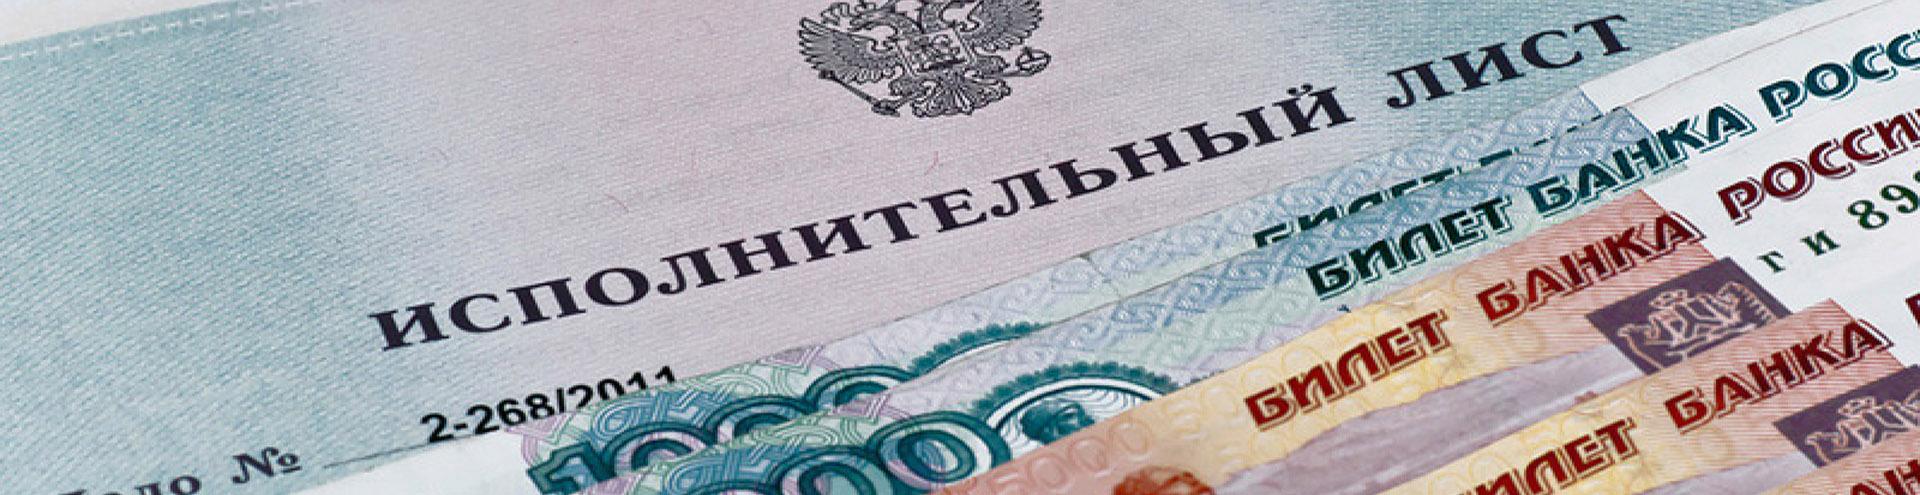 исполнительное производство в Нижнем Новгороде и Нижегородской области